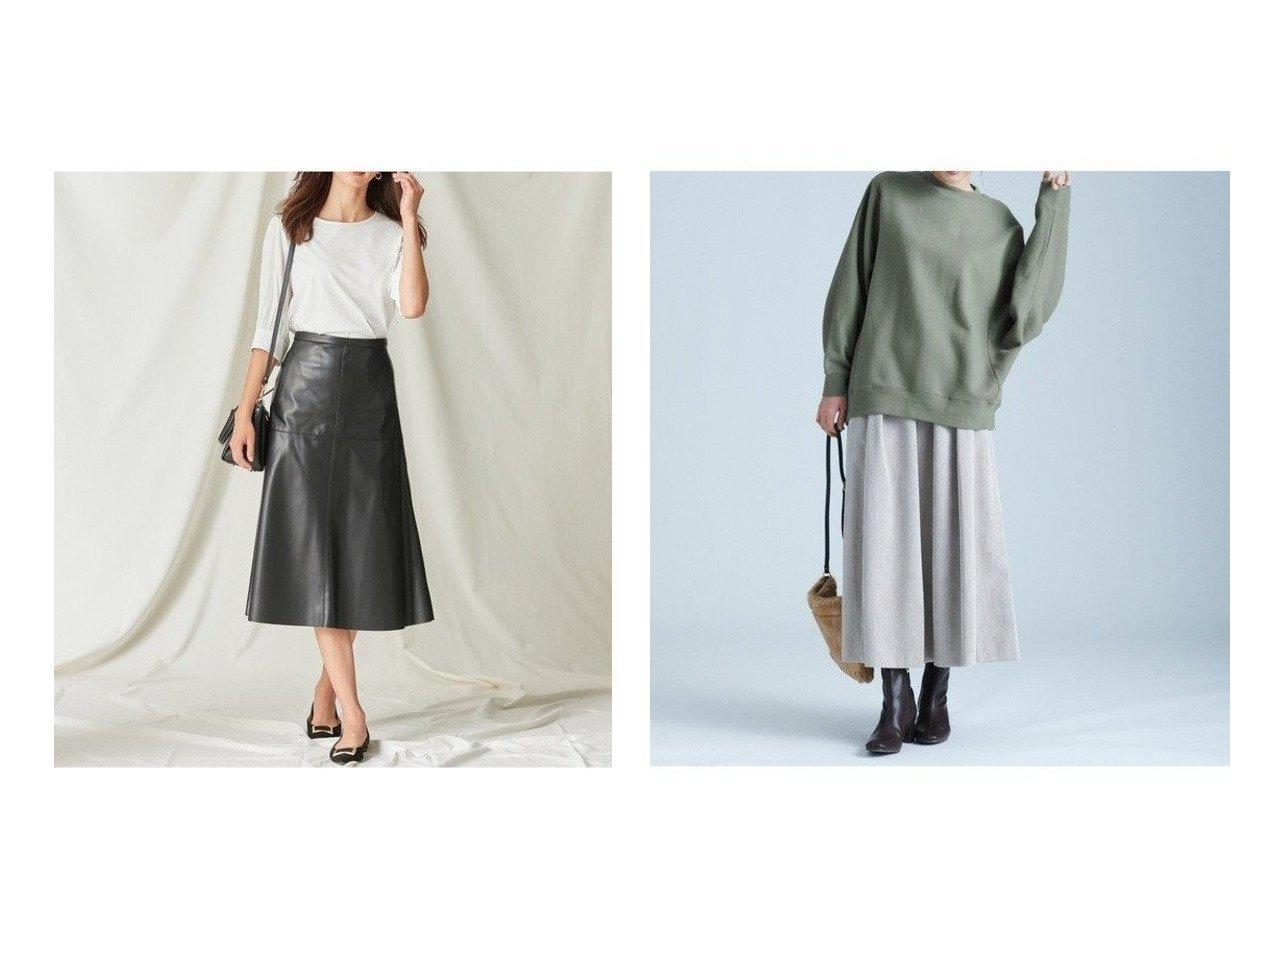 【any FAM/エニィファム】の【洗える】ワイドコーデュロイ スカート&【NIJYUSANKU/23区】のシンセティックレザースカート スカートのおすすめ!人気、レディースファッションの通販 おすすめで人気のファッション通販商品 インテリア・家具・キッズファッション・メンズファッション・レディースファッション・服の通販 founy(ファニー) https://founy.com/ ファッション Fashion レディース WOMEN スカート Skirt フェイクレザー フレア マーメイド リアル 冬 Winter コーデュロイ ストレッチ トレンド ワイド 今季 秋冬 A/W Autumn/ Winter  ID:crp329100000003032